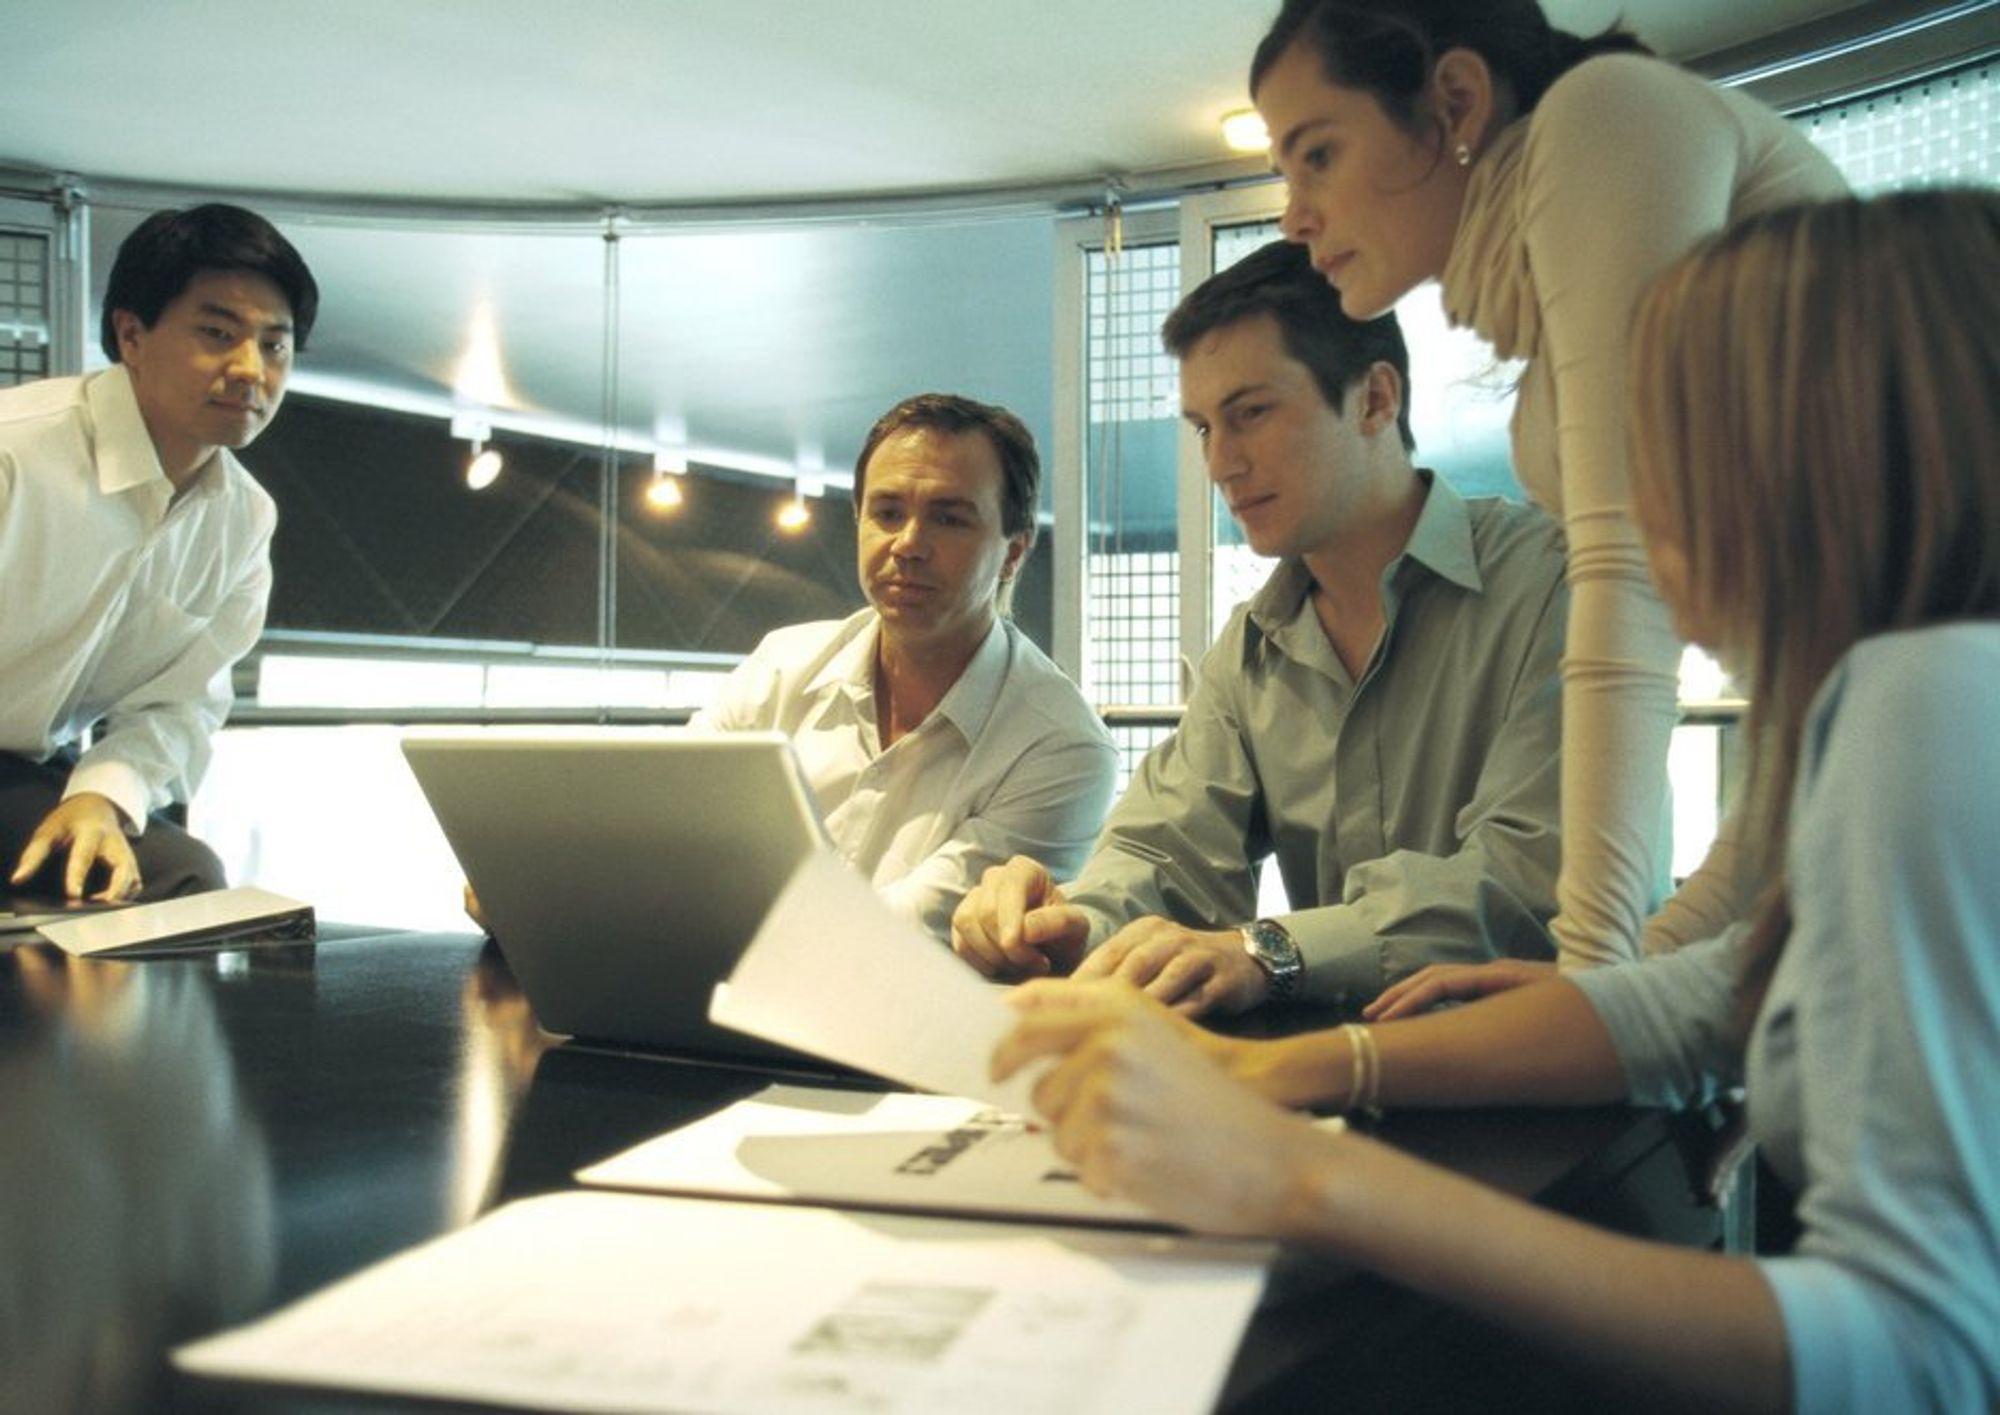 JOBB: Å kunne samarbeide gjør deg aktet på arbeidsplassen.